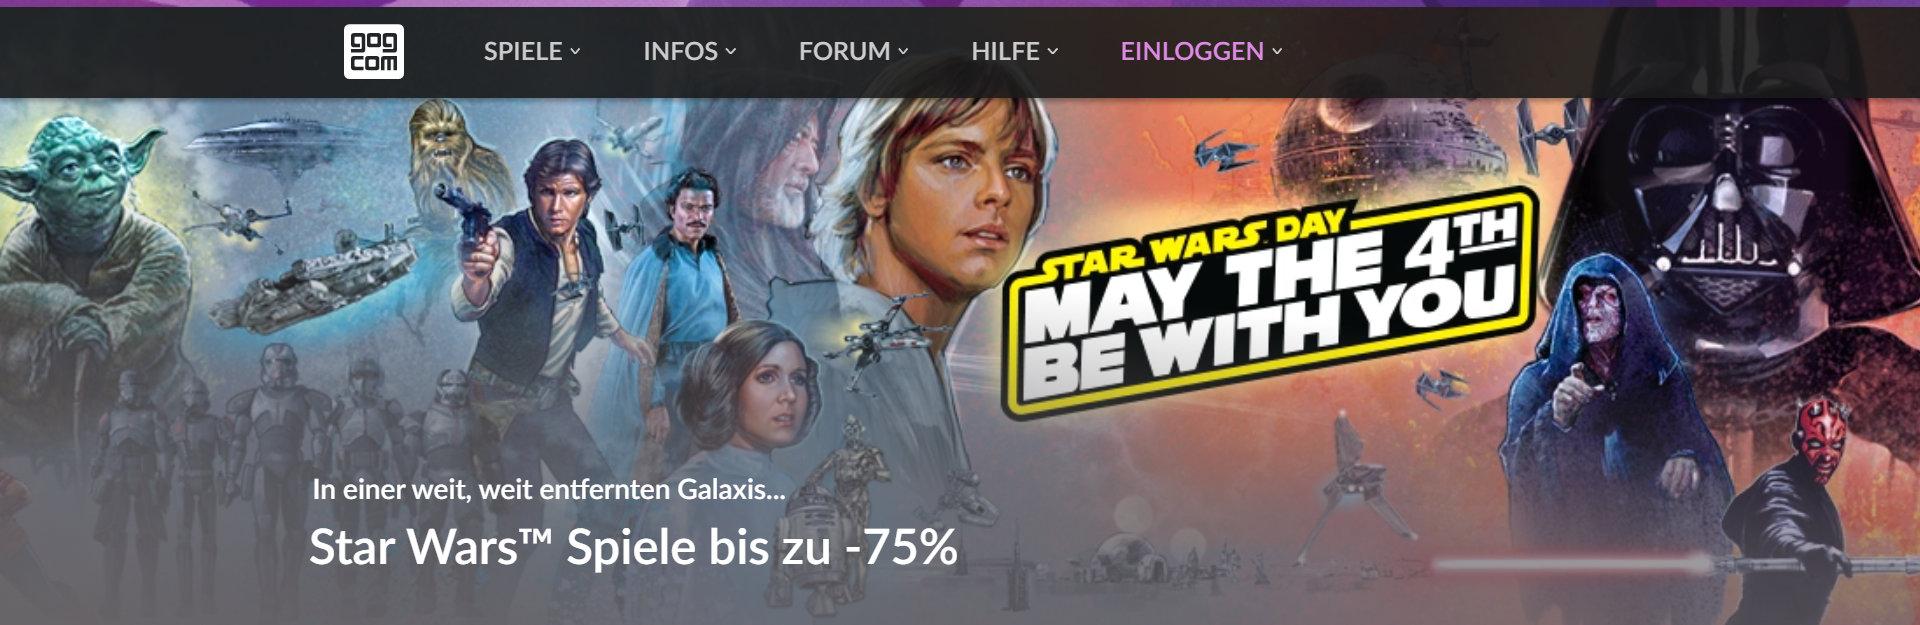 Quelle: GOG - Star Wars Angebote